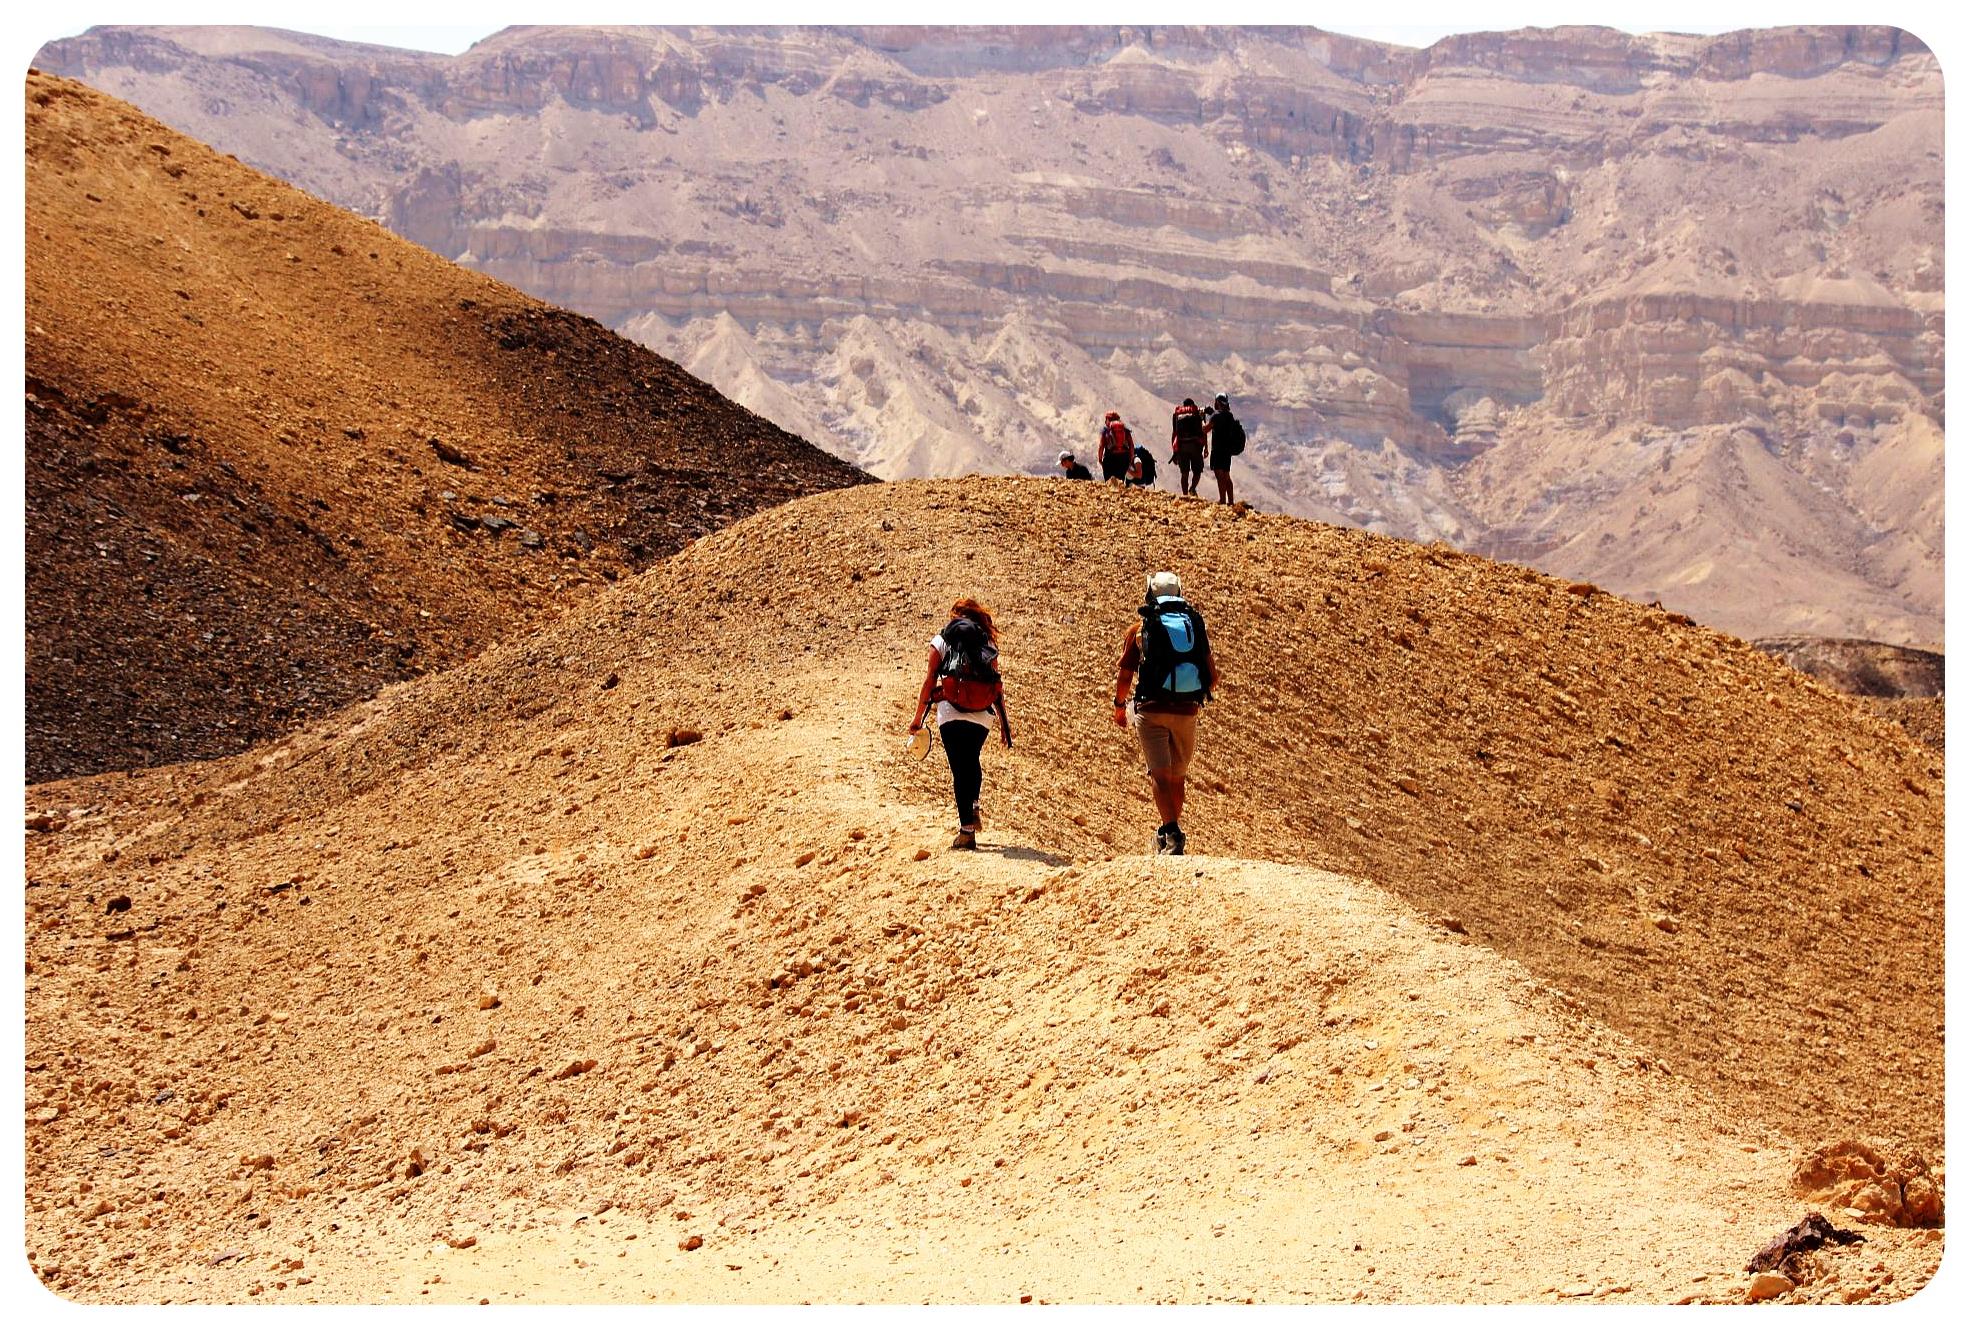 negev desert trek israel